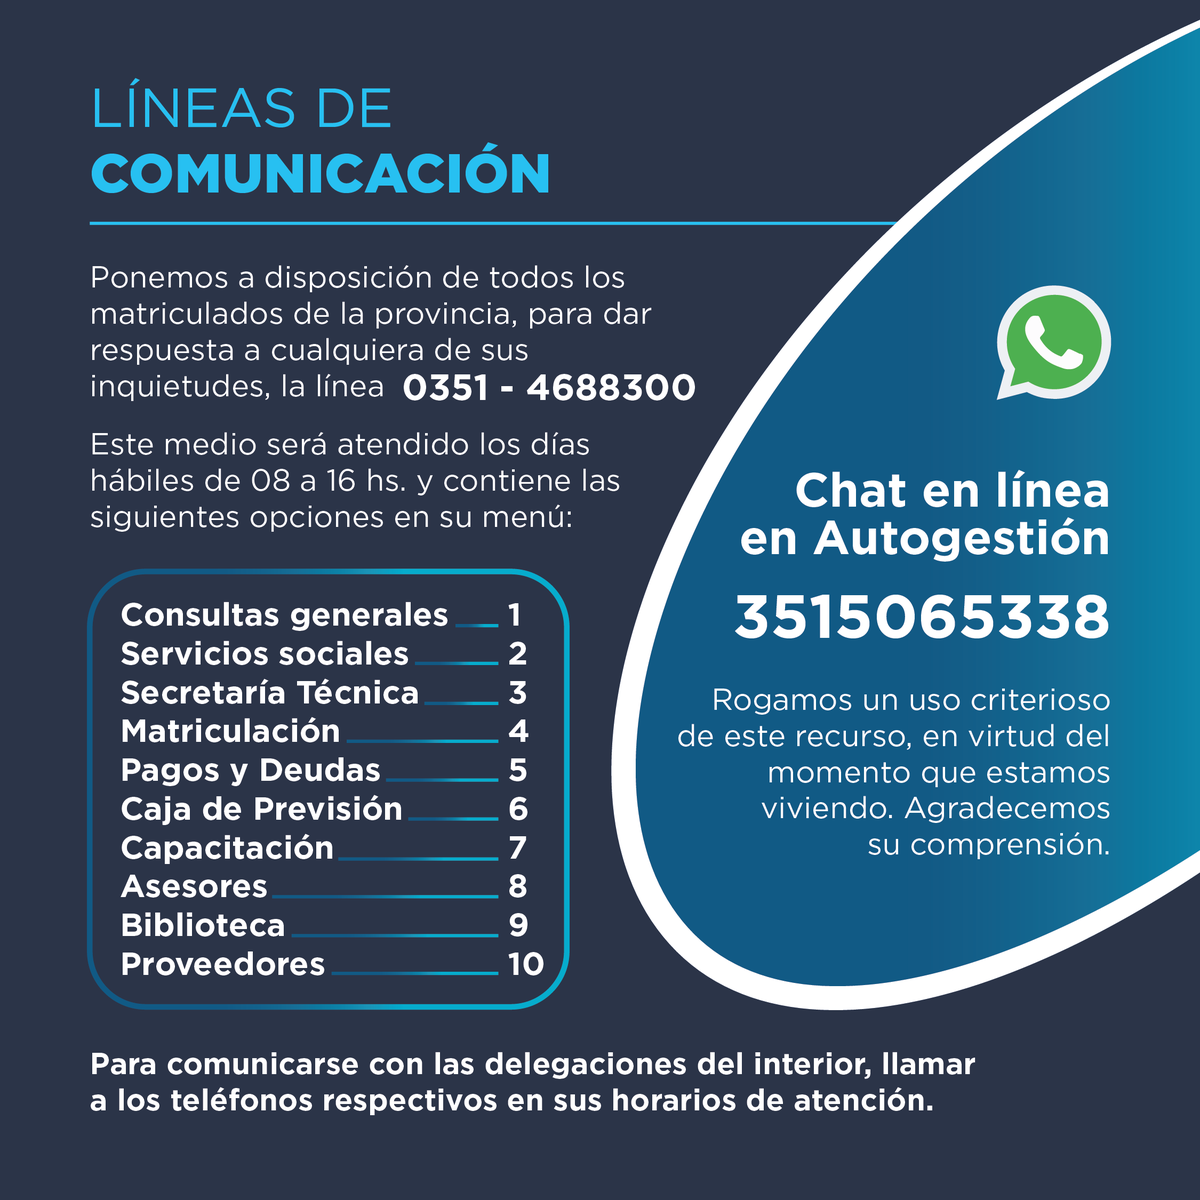 CPCE Córdoba @CPCECordoba: ¡Nos cuidemos entre todos! Comunicate, de lunes a viernes entre las 8 y las 16hs al (0351) 4688300 y seleccioná la opción del menú más adecuada a tu consulta! ????✔️ También podes contactarnos por whatsapp 3515065338 y por el chat en Autogestión ???????? https://t.co/cwUWvXNlGZ